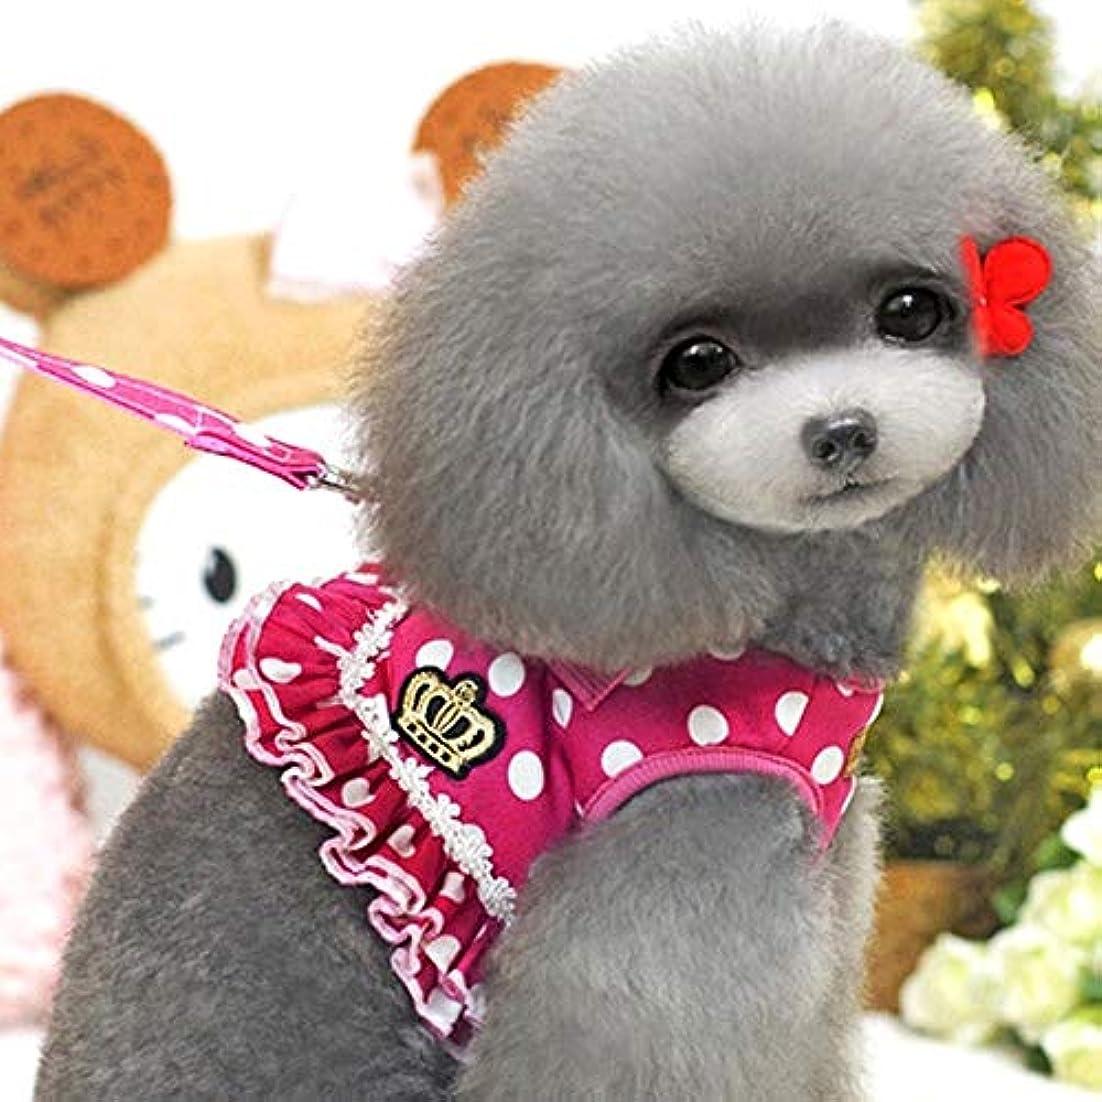 奨励しますも選出するペットウェア 小型犬 中型犬 犬ベスト ネコ かわいい 水玉 フリル ソフト ハーネス リード セット ペット牽引ロープ お出かけ用 散歩用 簡単着脱 調整可能 通気性抜群S/M/L/XL (Color : Rose red, Size : L)